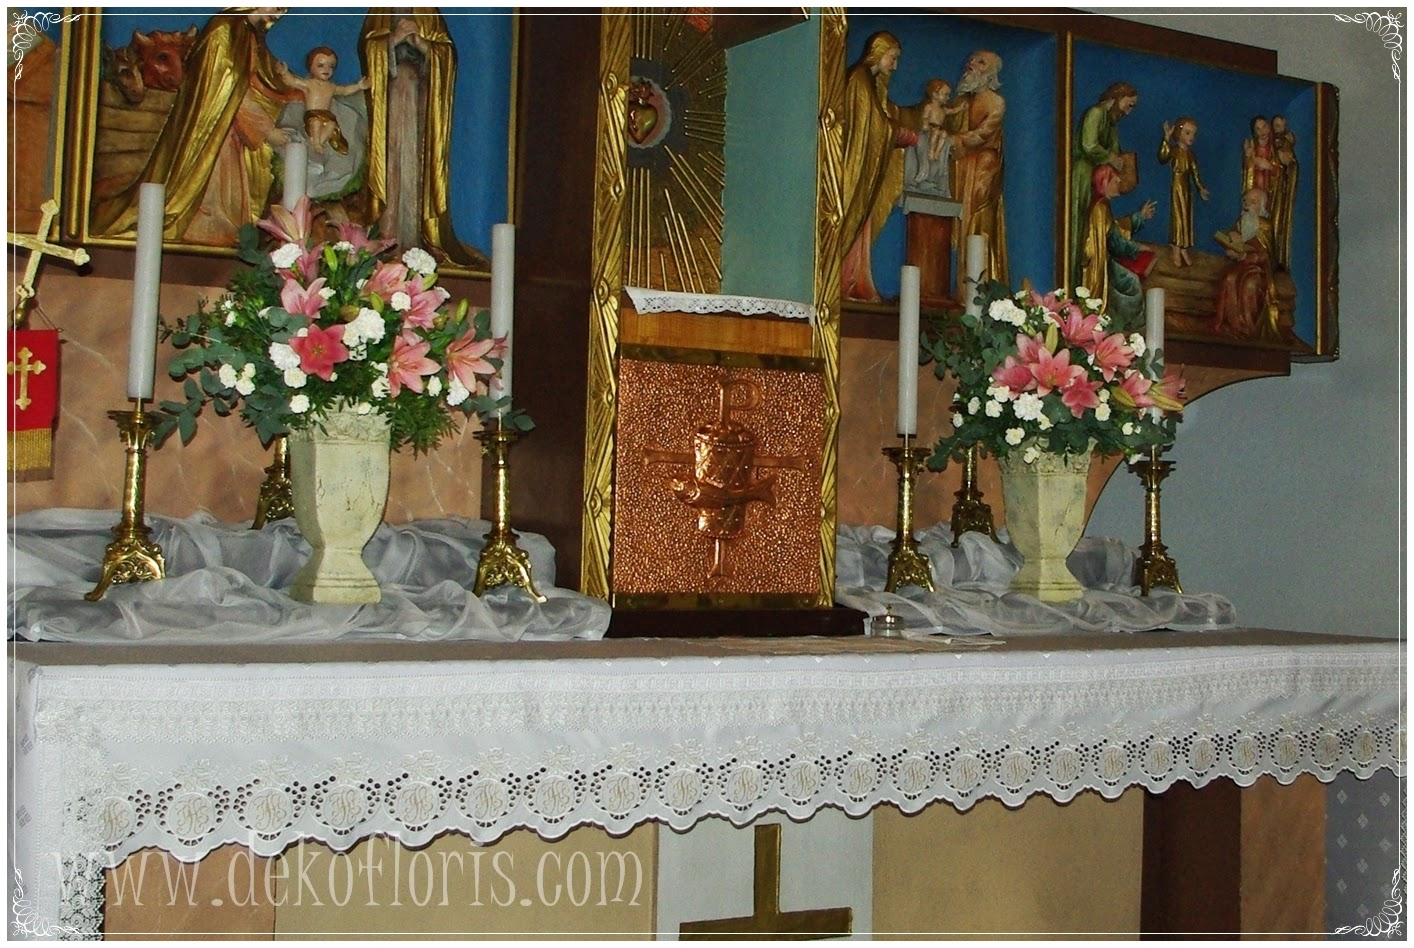 dekoracje ślubne kościoła opolskie, Opole, Brzeg, Olesno, Niemodlin, Ozimek, Nysa, Prudnik